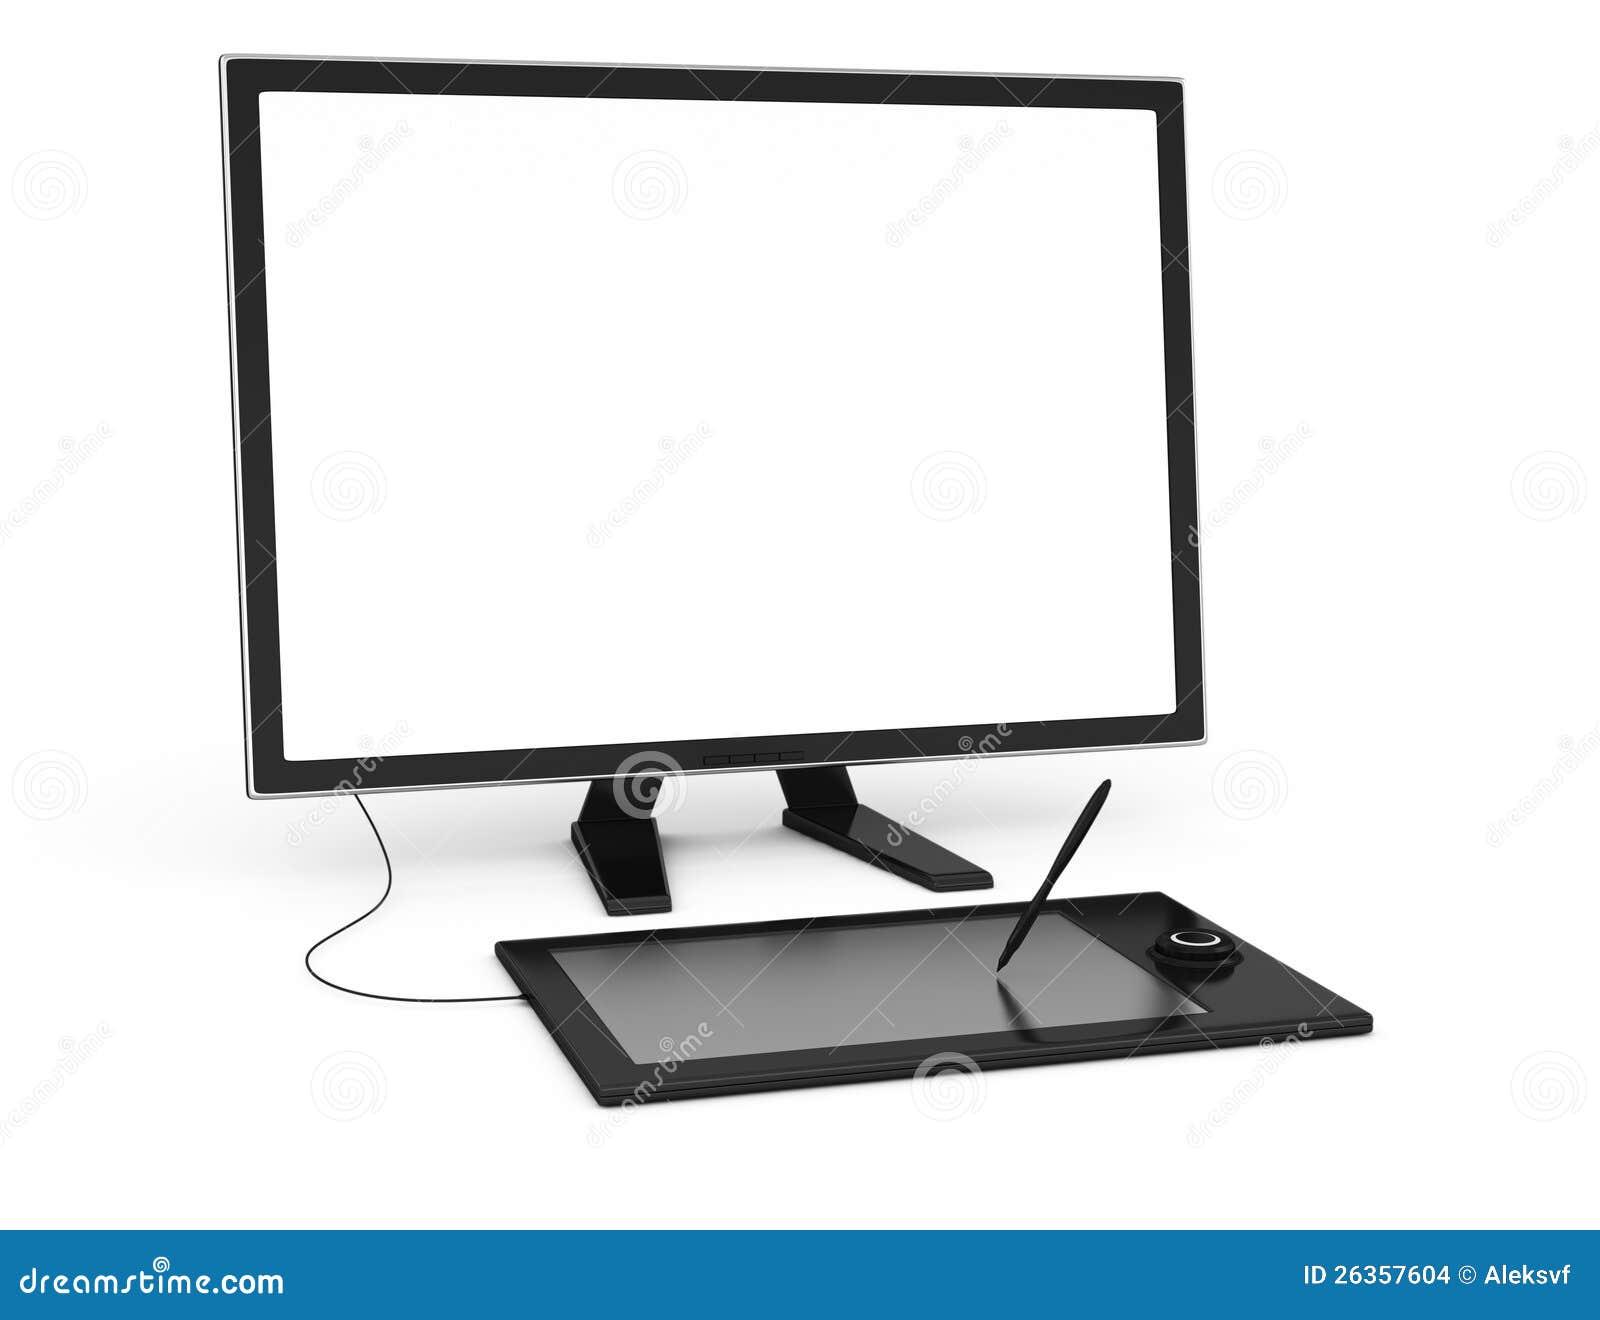 Computerüberwachungsgerät und Zeichnungstablette